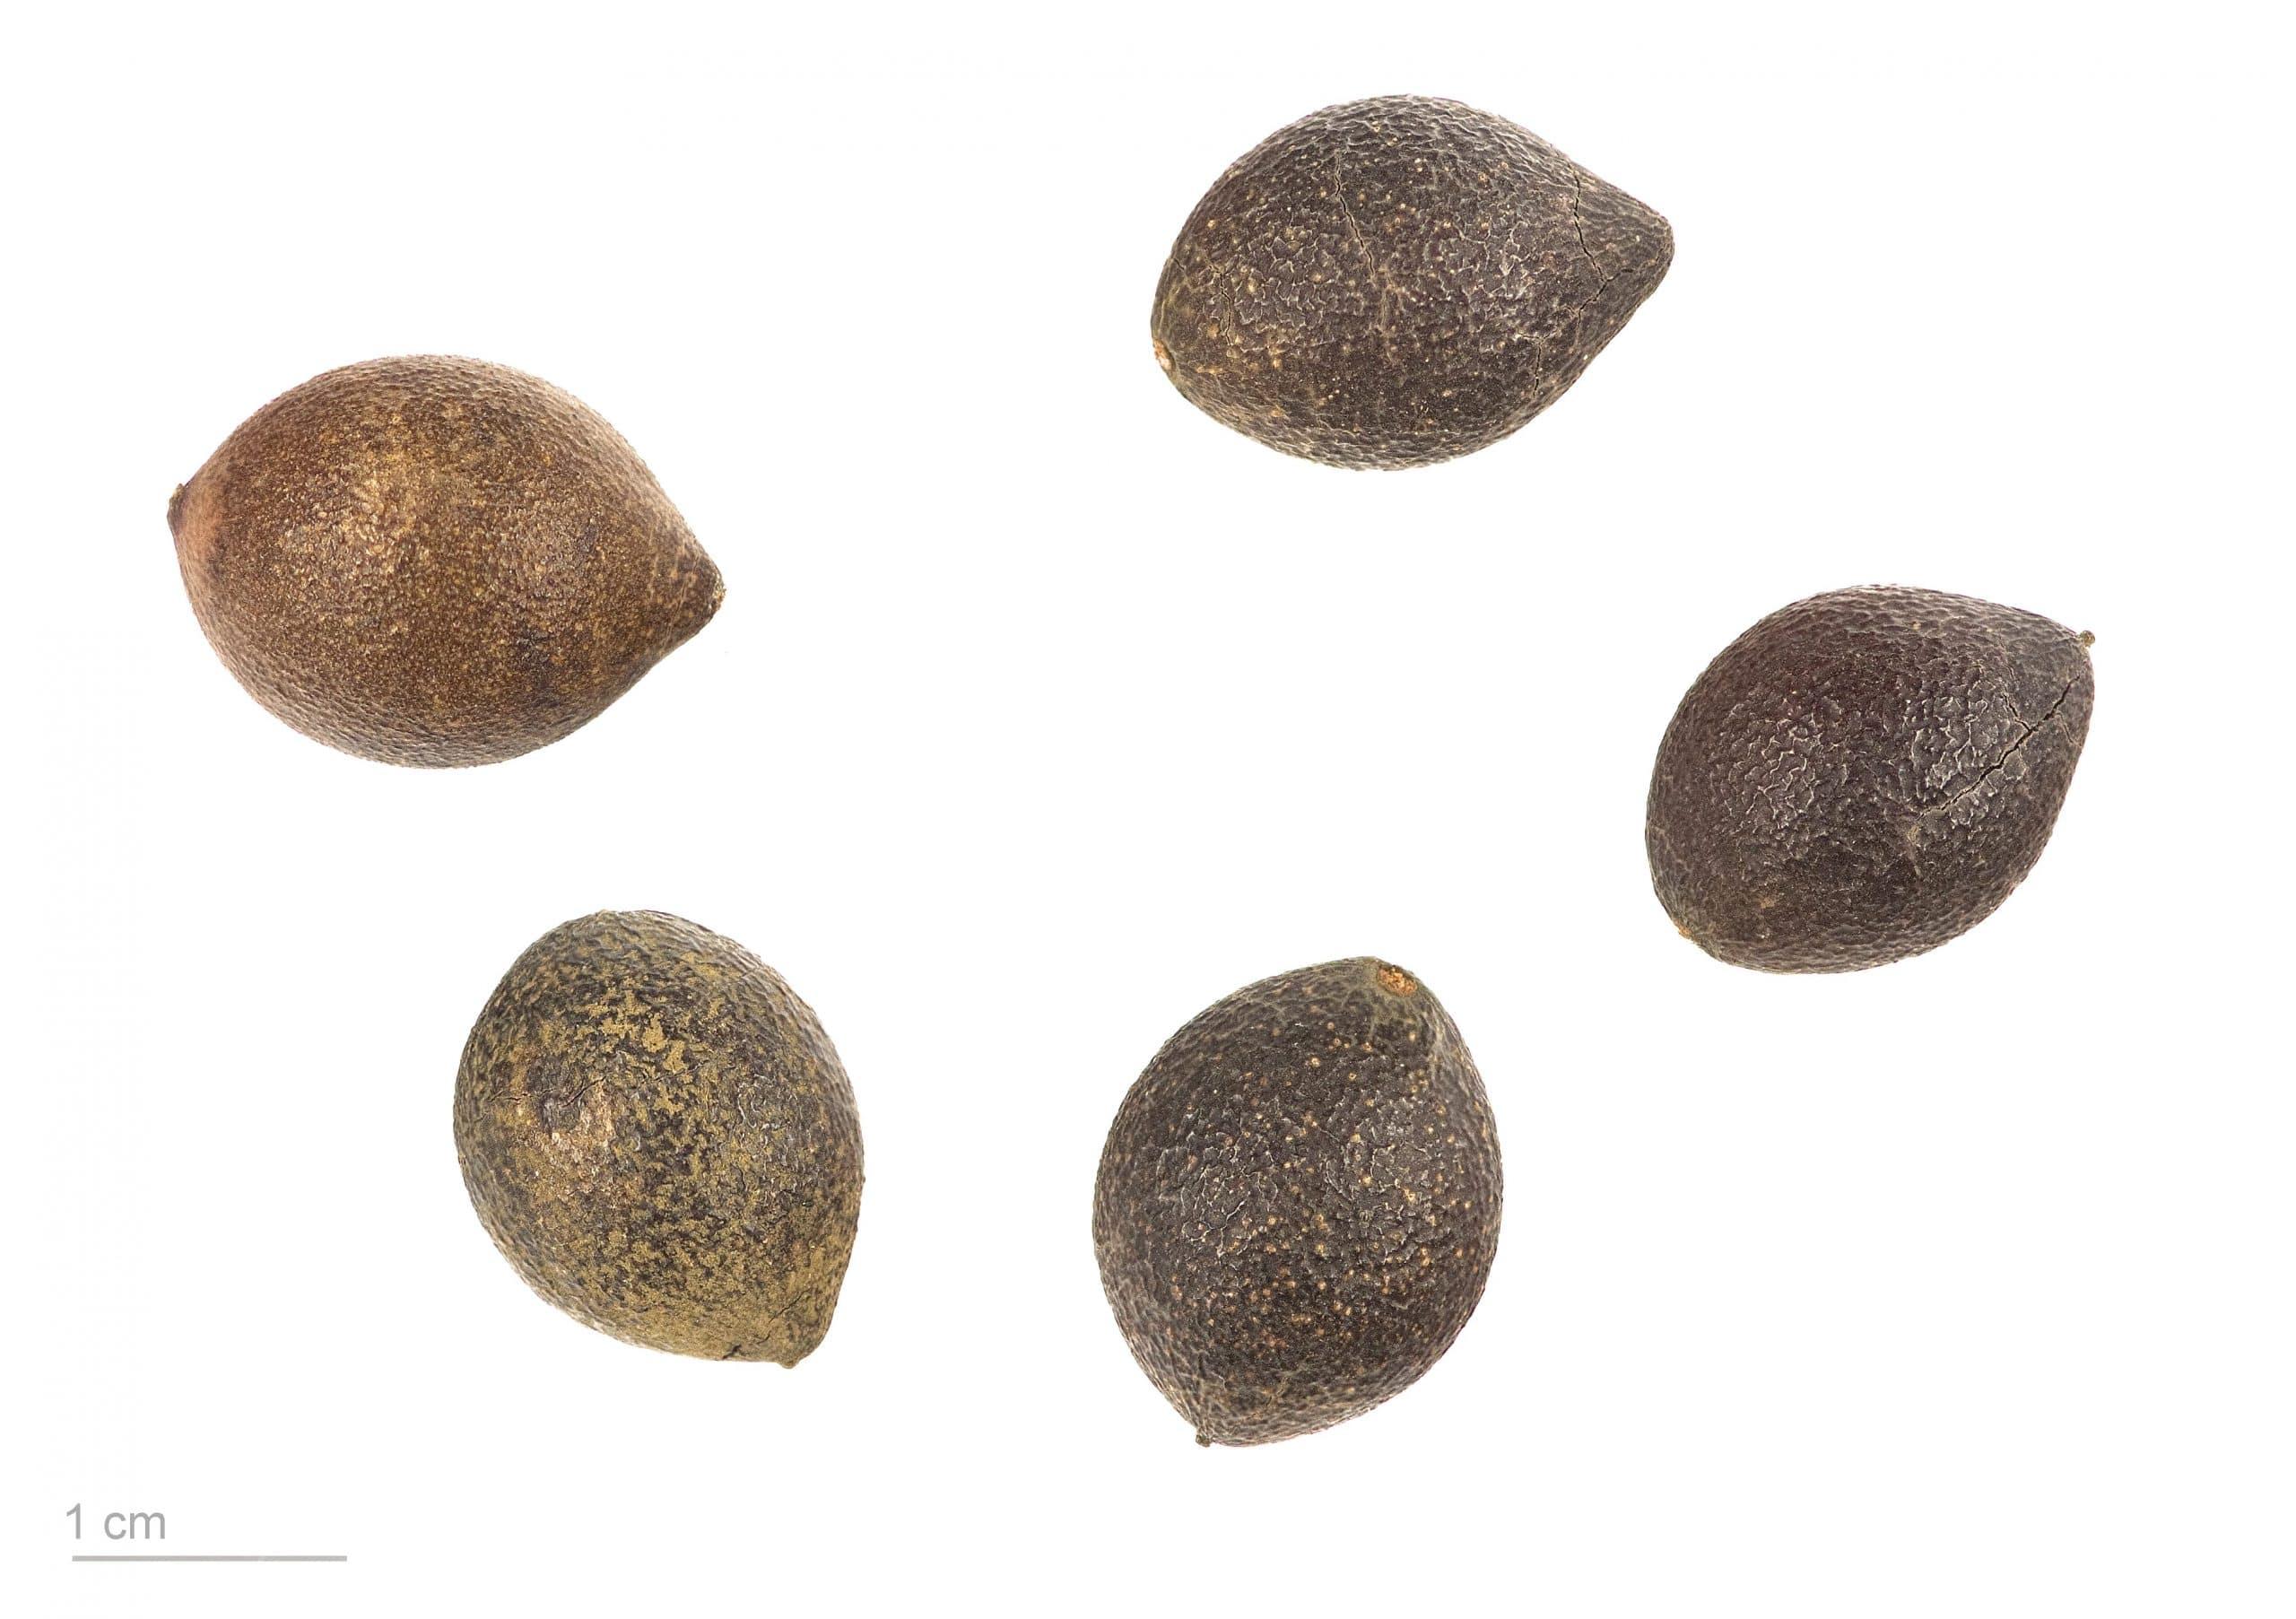 Semillas de avellano chileno